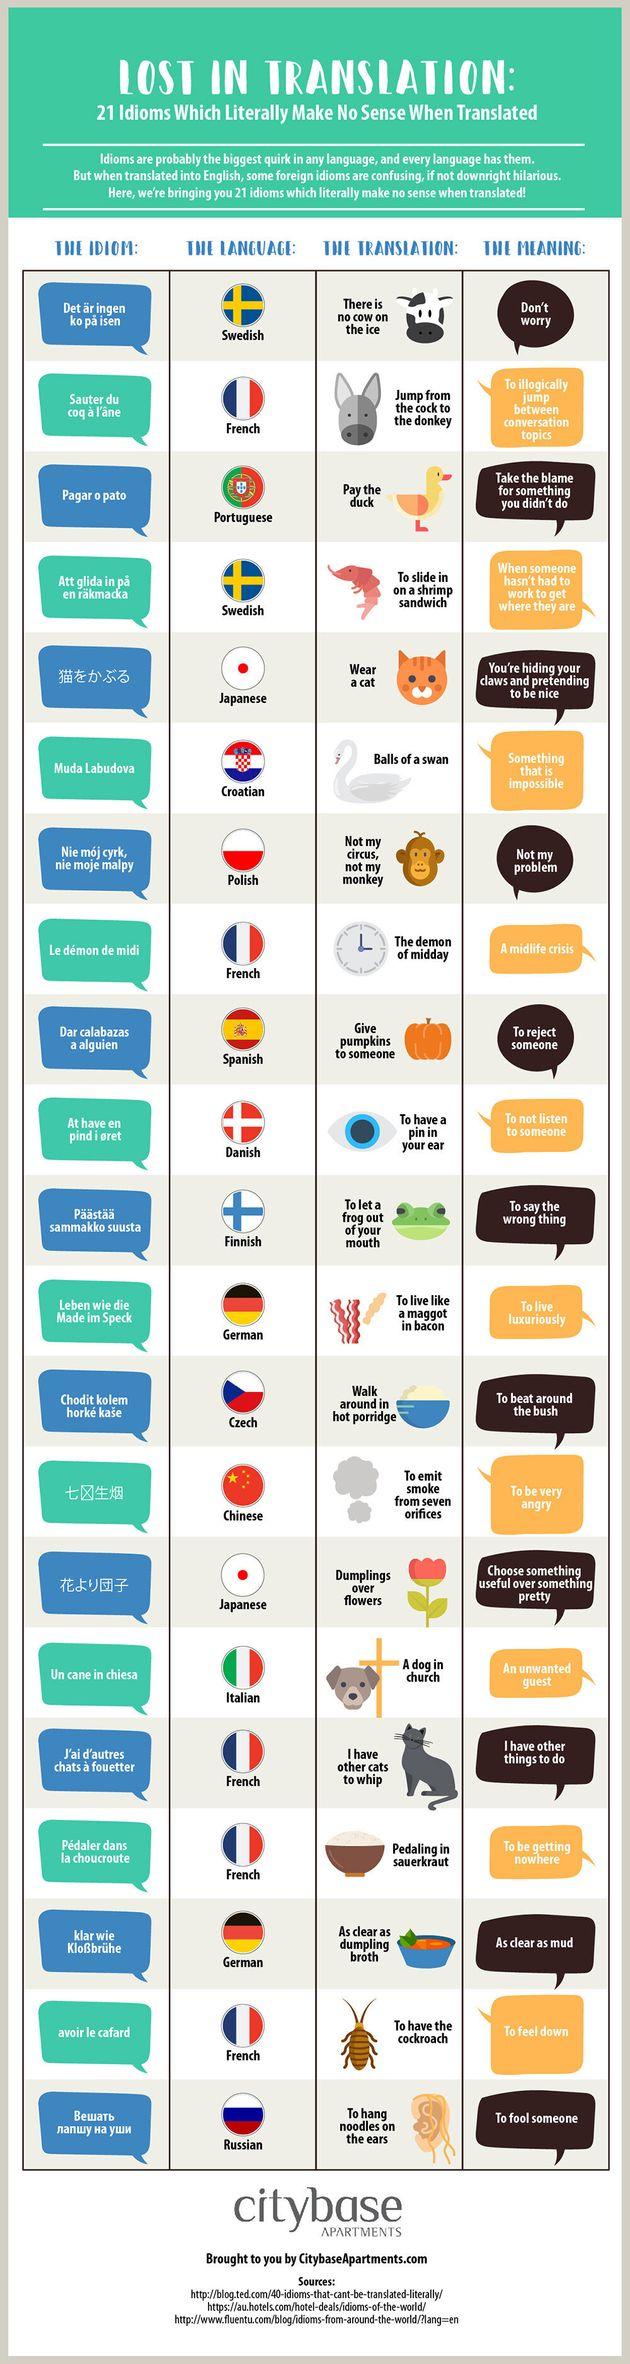 Hilarious Foreign Sayings Which Make Zero Sense When